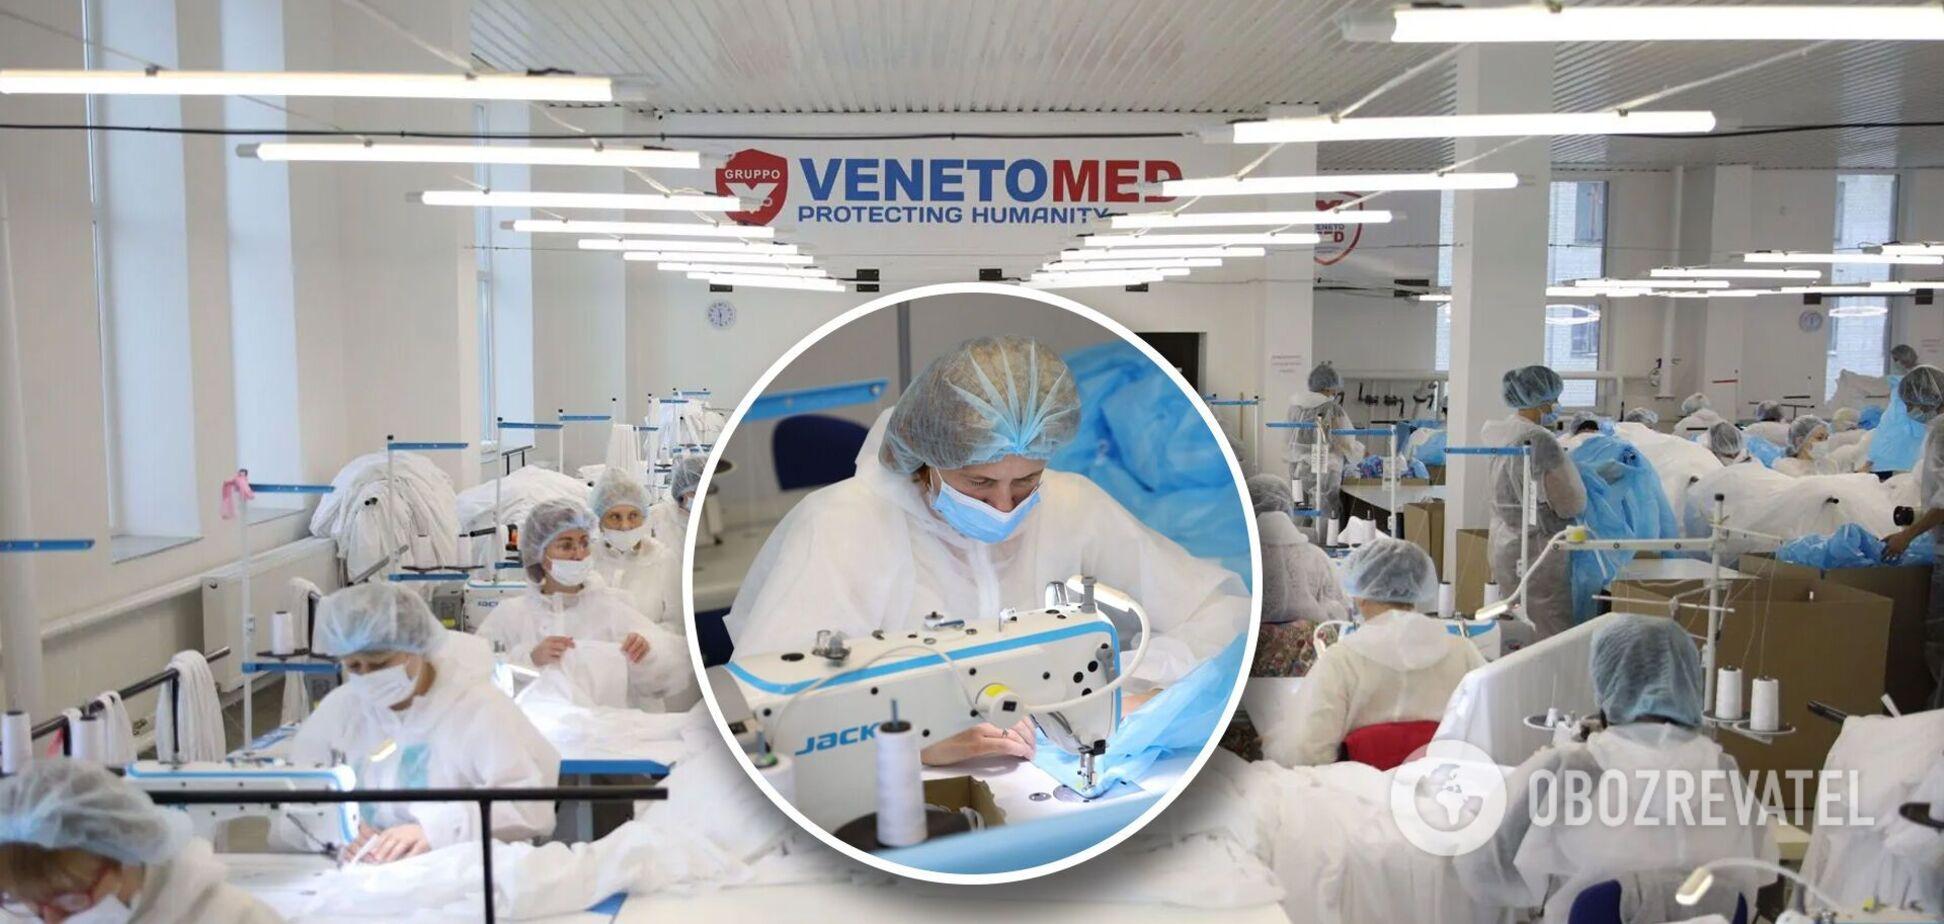 'Венето' запустила масштабный проект по пошиву защиты для медиков